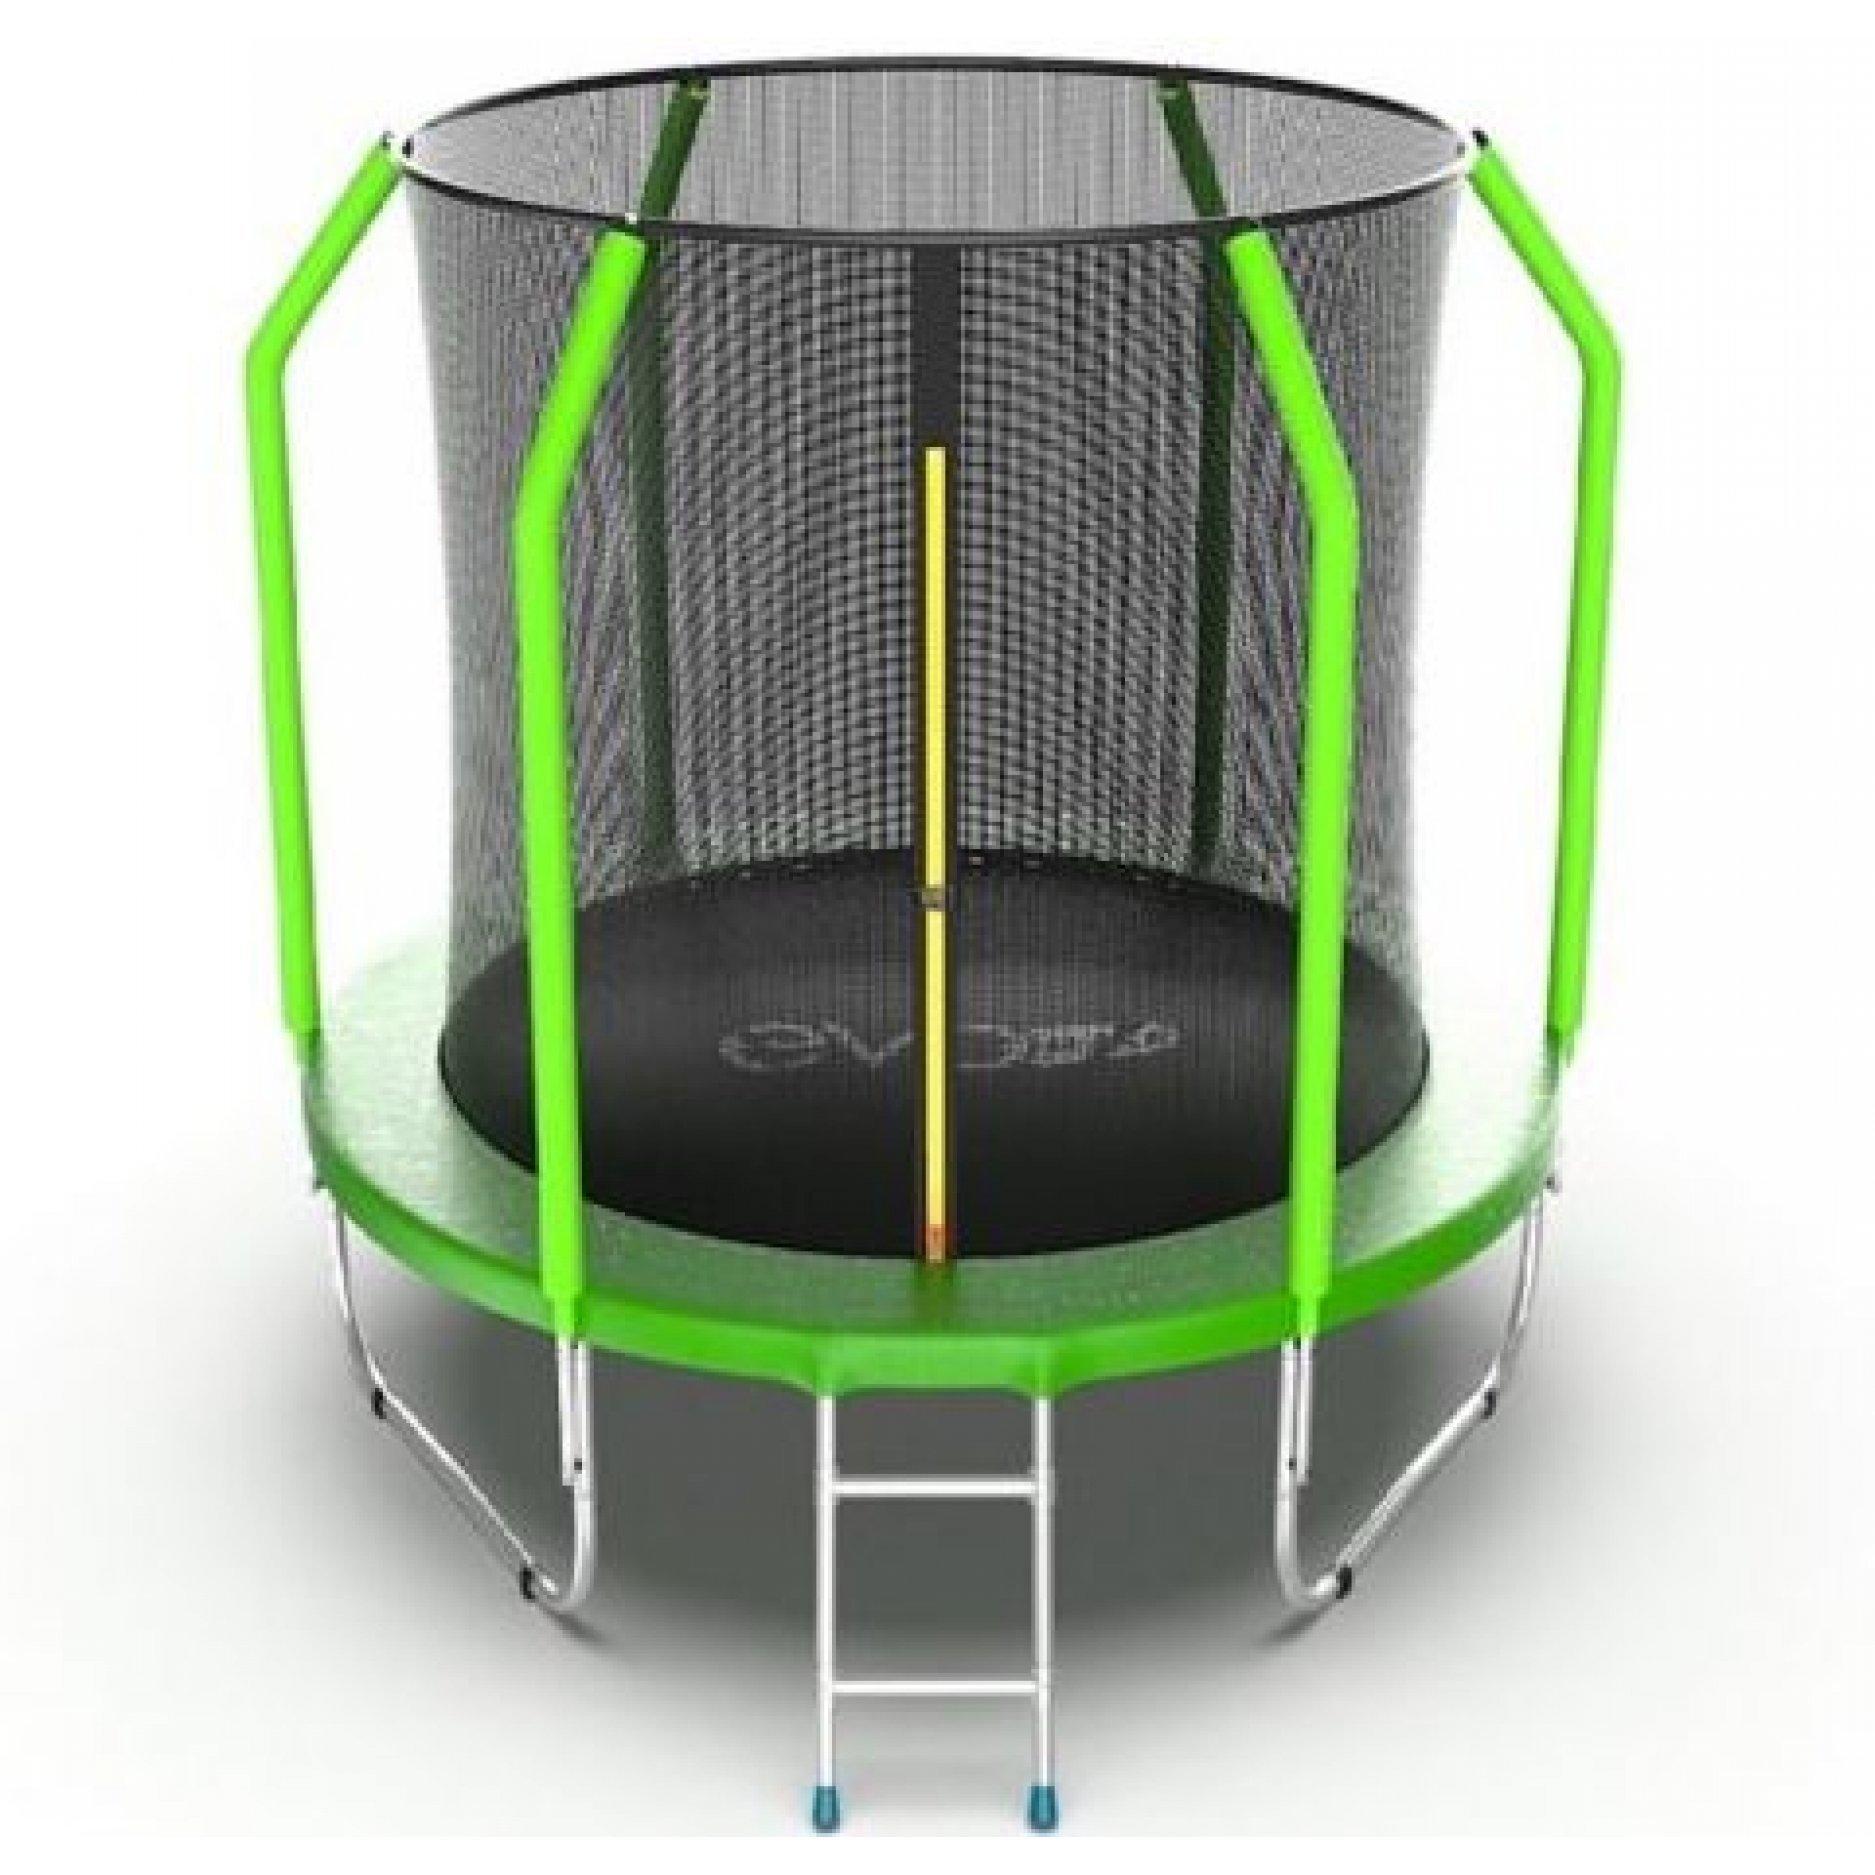 Батут EVO Jump Cosmo 6ft (Green) + Lower net. с внутренней сеткой и лестницей + нижняя сеть